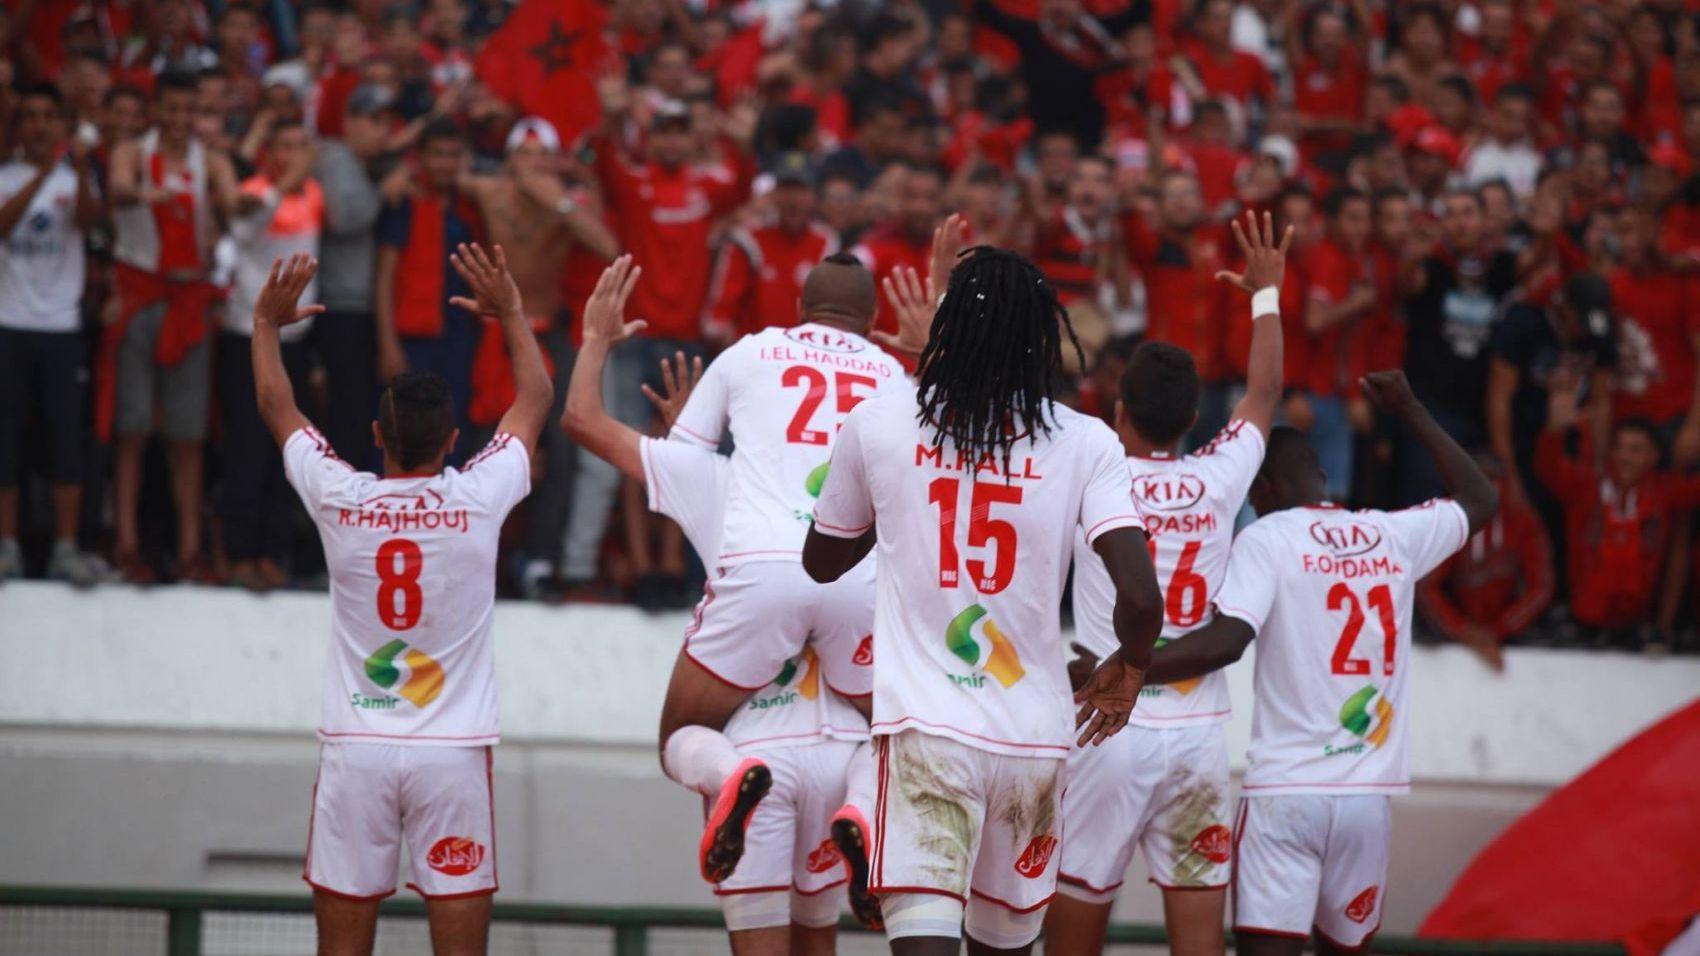 توقيف البطولة الوطنية بقسميها الأول والثاني خلال هذا التاريخ